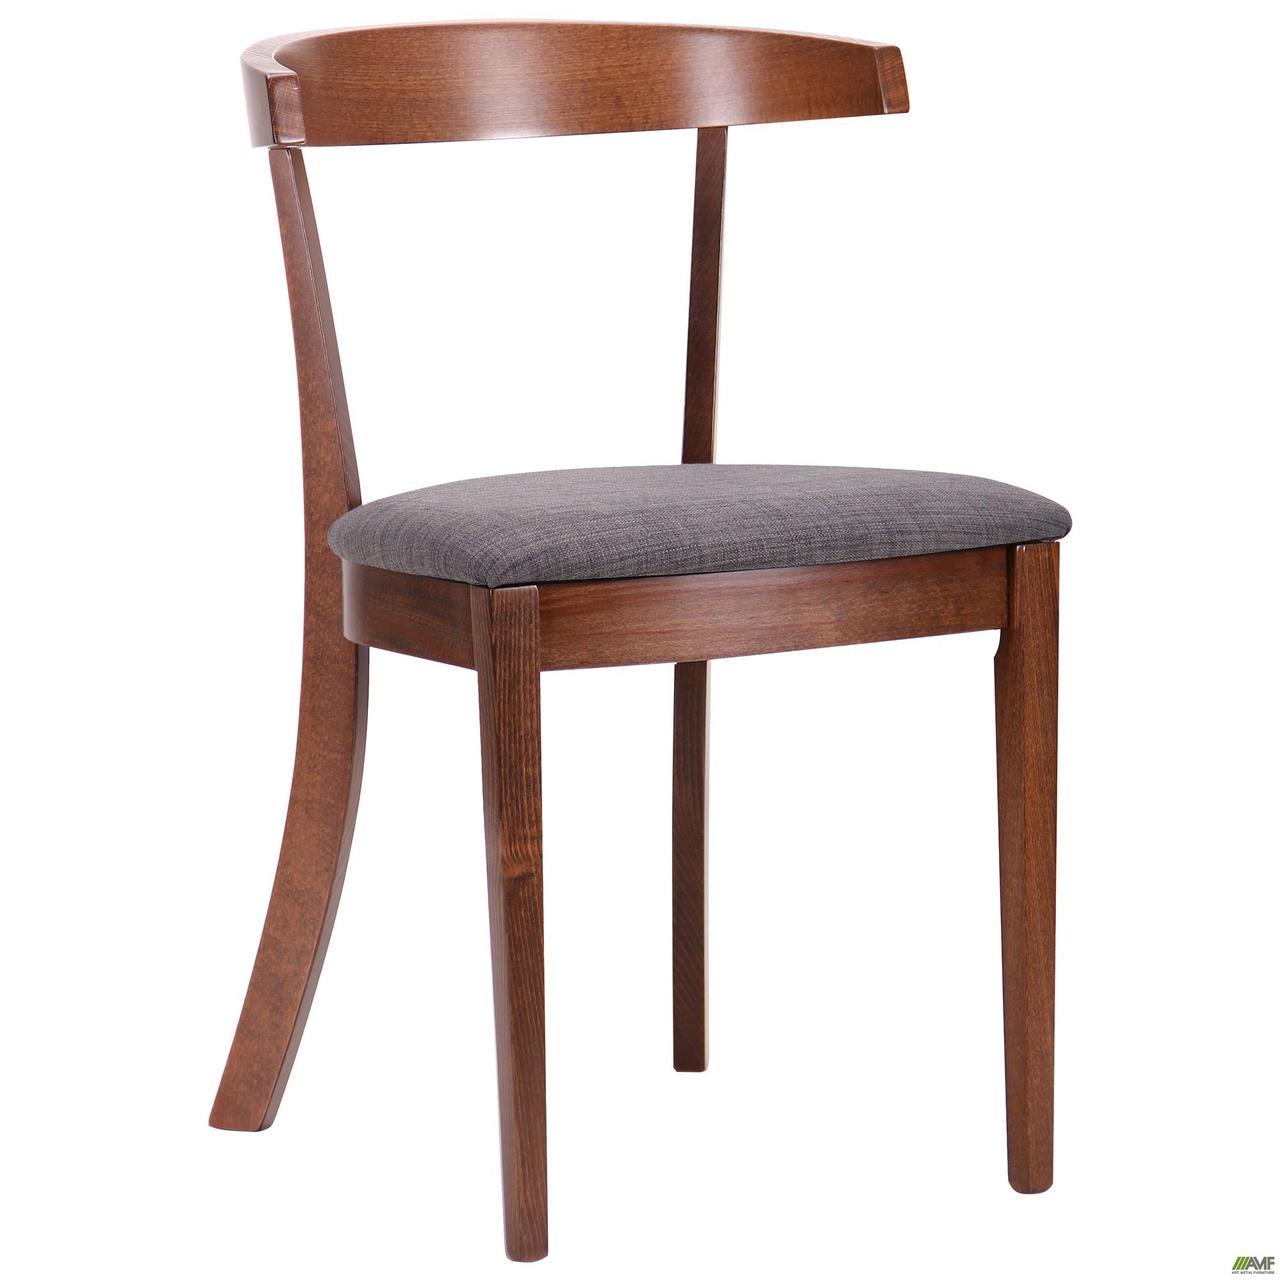 Деревянный стул AMF Гилфорд орех светлый-графит для гостиной